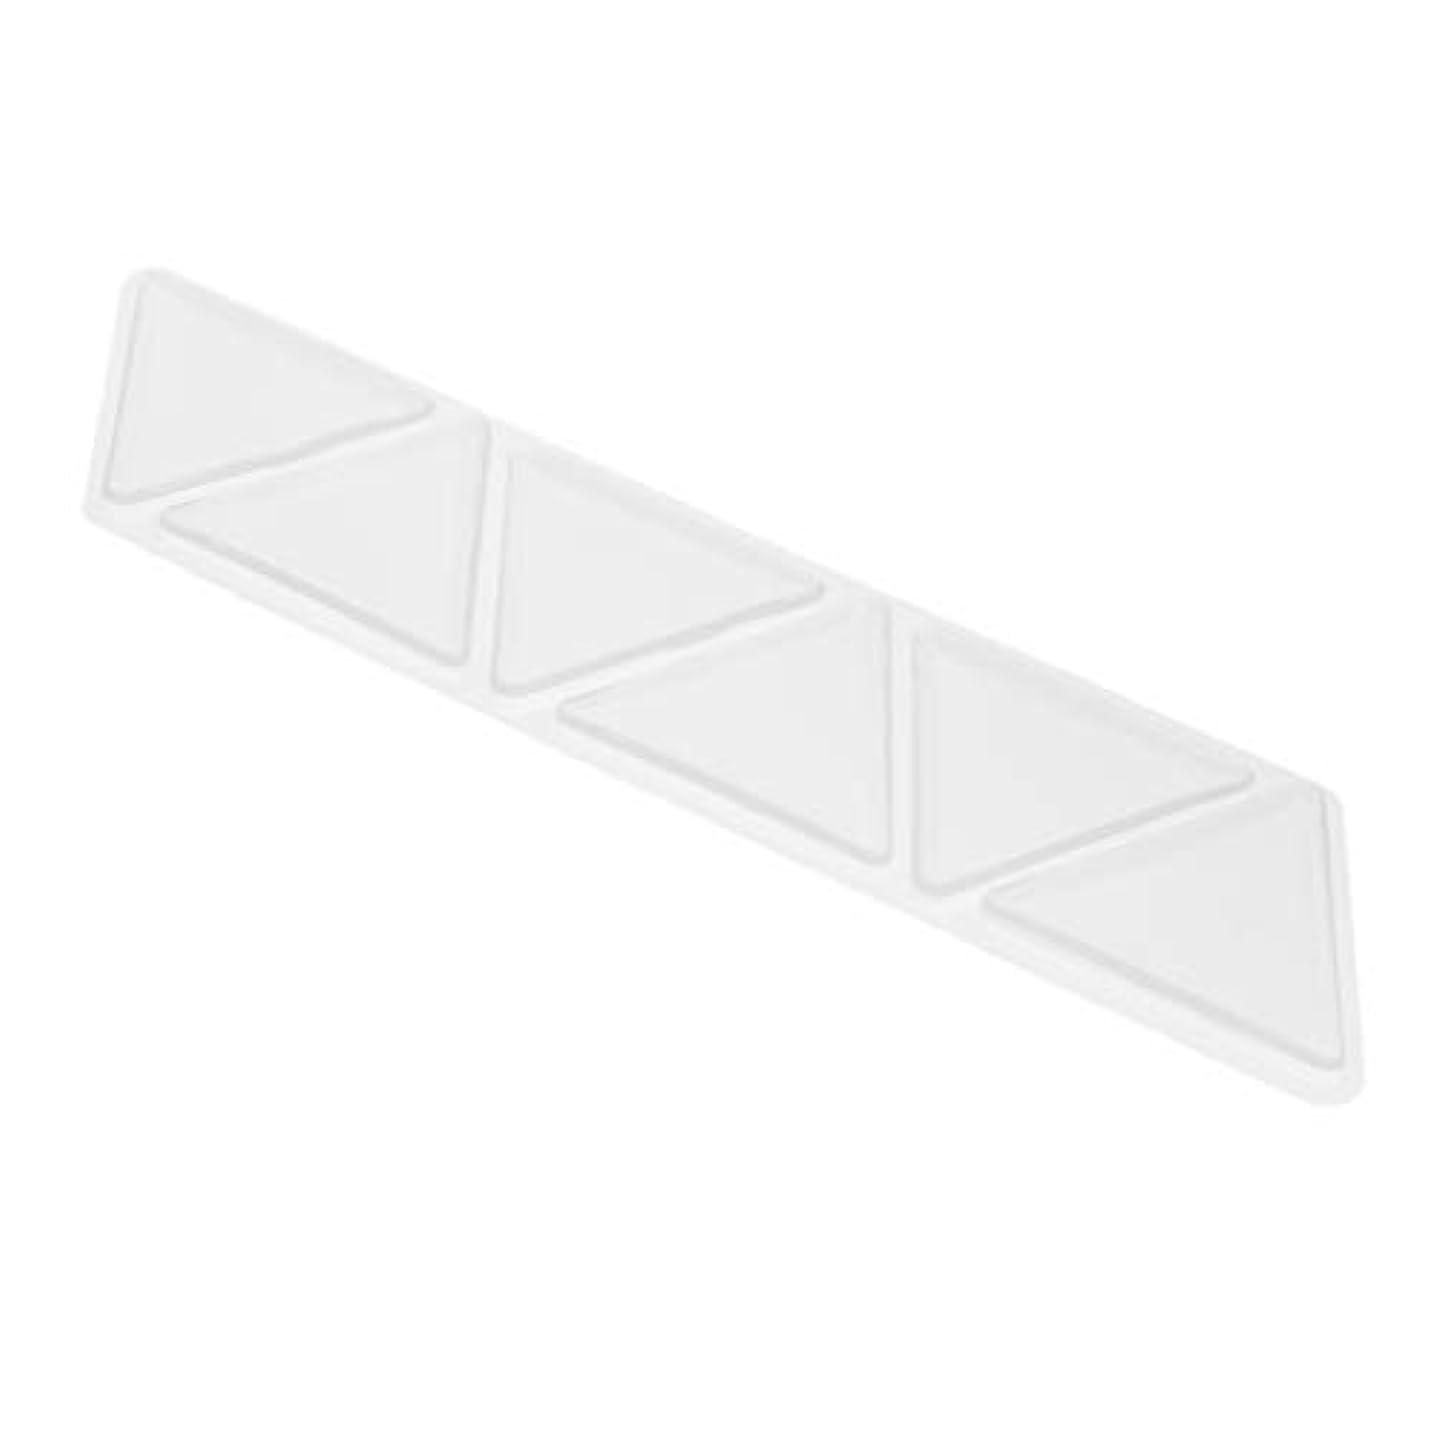 歪めるダブル哀れなシリコーン アンチリンクル 額 パッド パッチスキンケア 三角パッド 6個セット